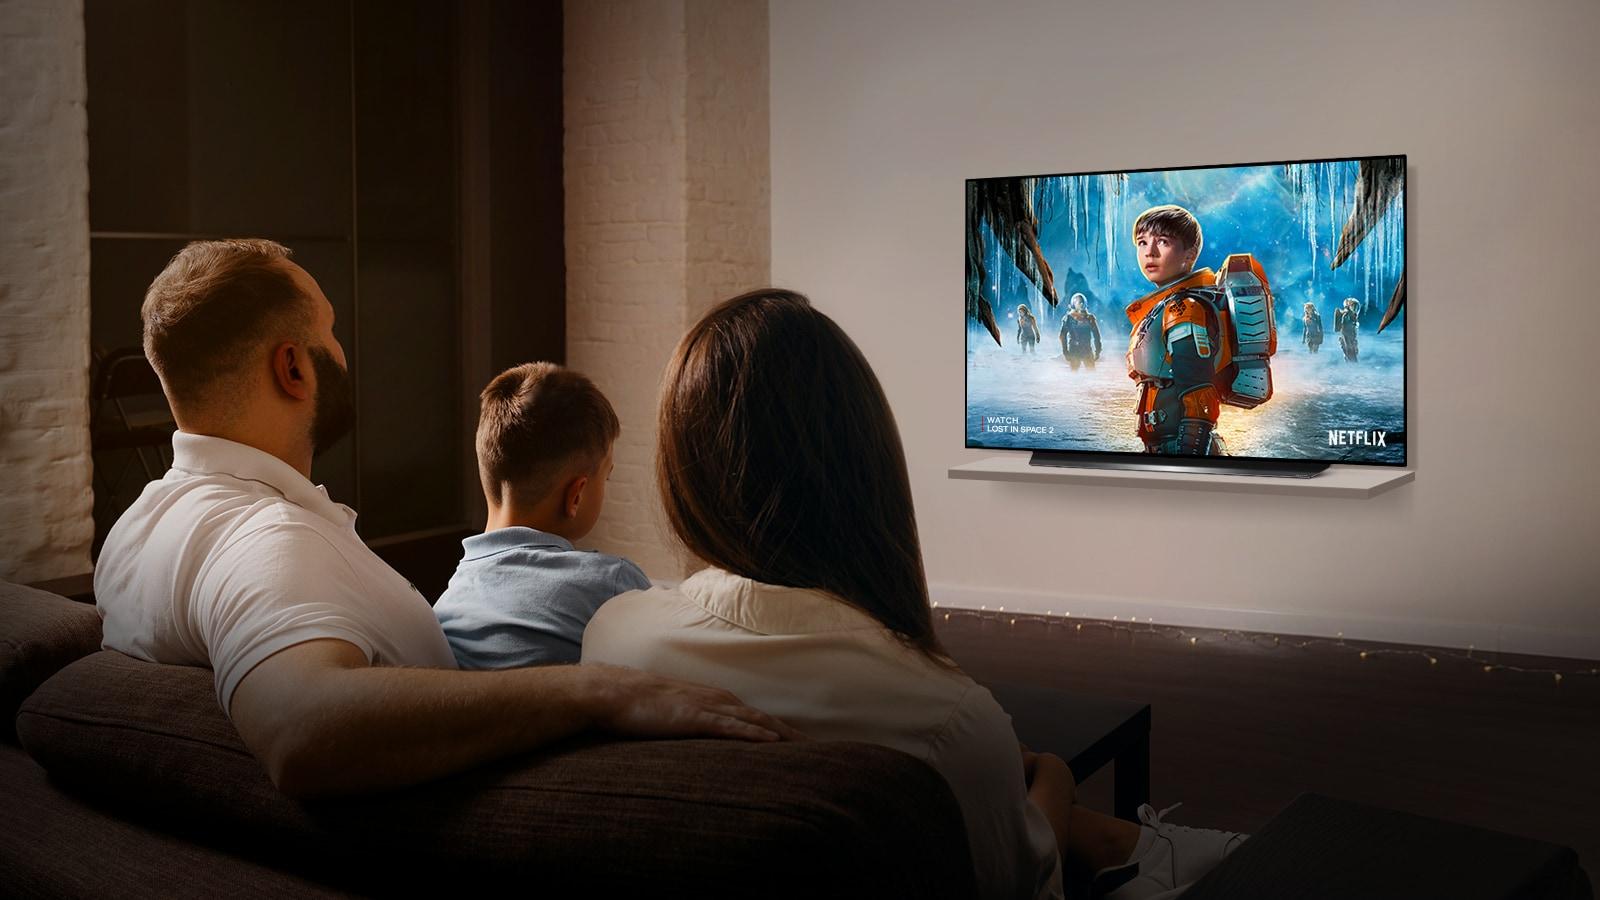 Par, ki sedi na kavču v dnevni sobi in gleda televizijo po romantičnem filmu